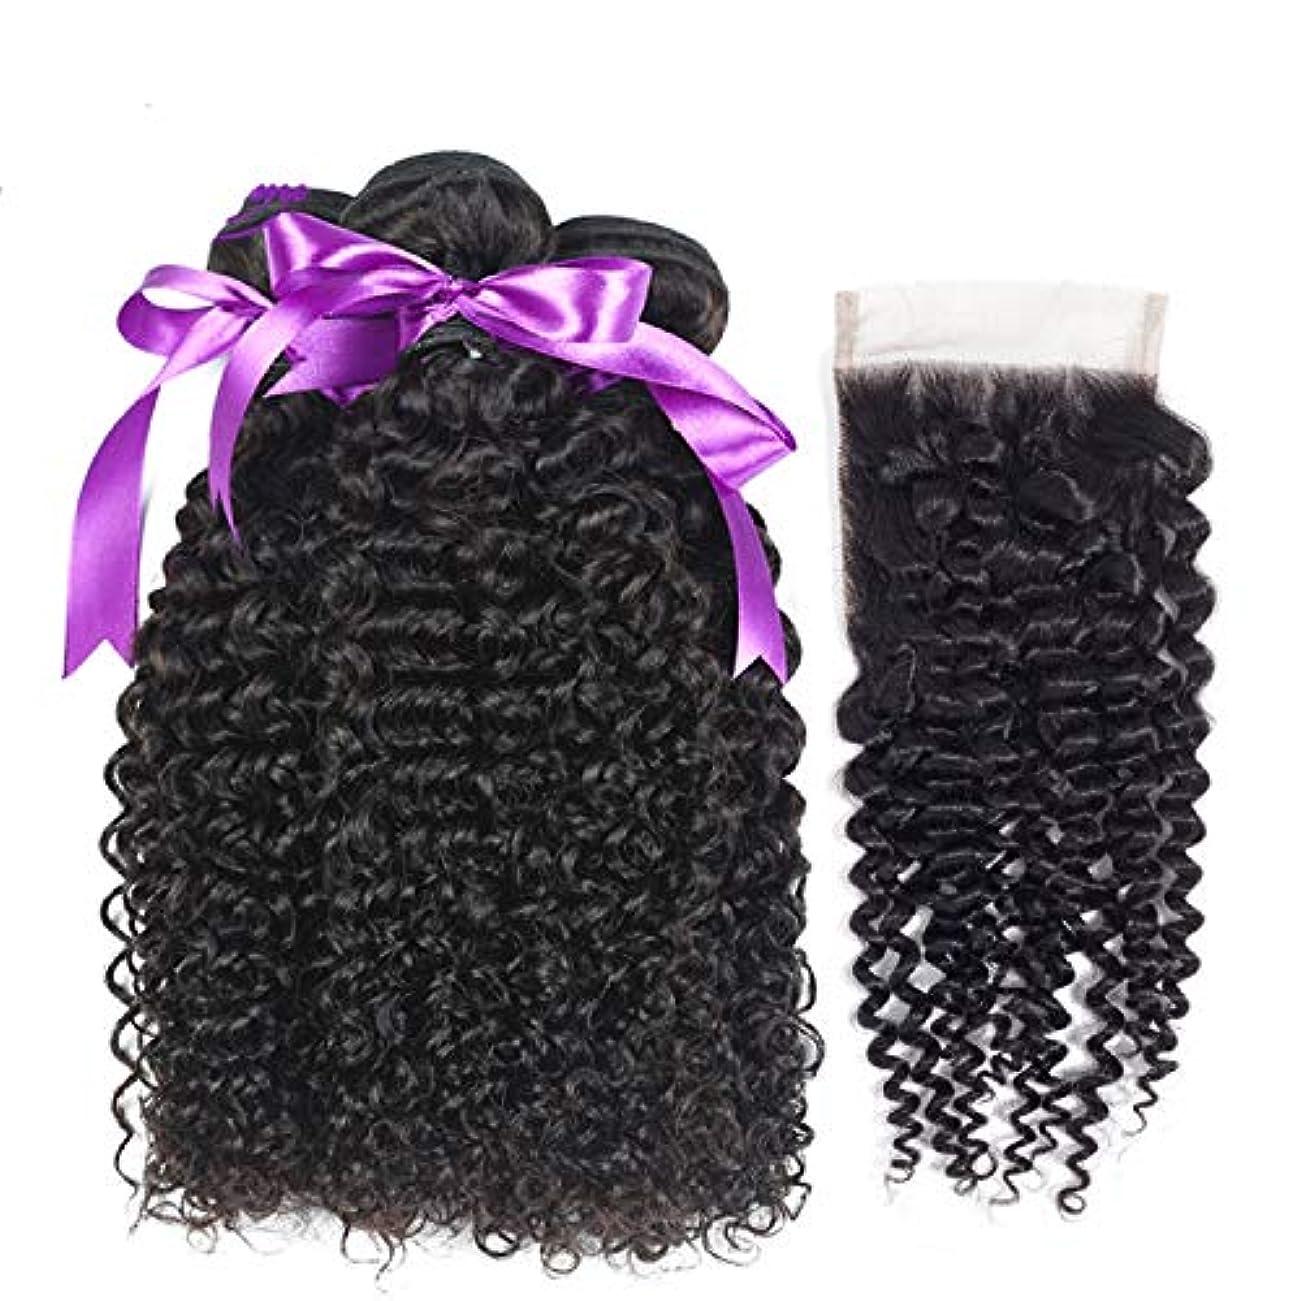 曲げる非アクティブハミングバードかつら ペルーの変態巻き毛3バンドル付き13 * 4閉鎖人間の髪バンドル人間の髪織り髪の拡張子 (Length : 12 14 16 Cl12, Part Design : FREE PART)